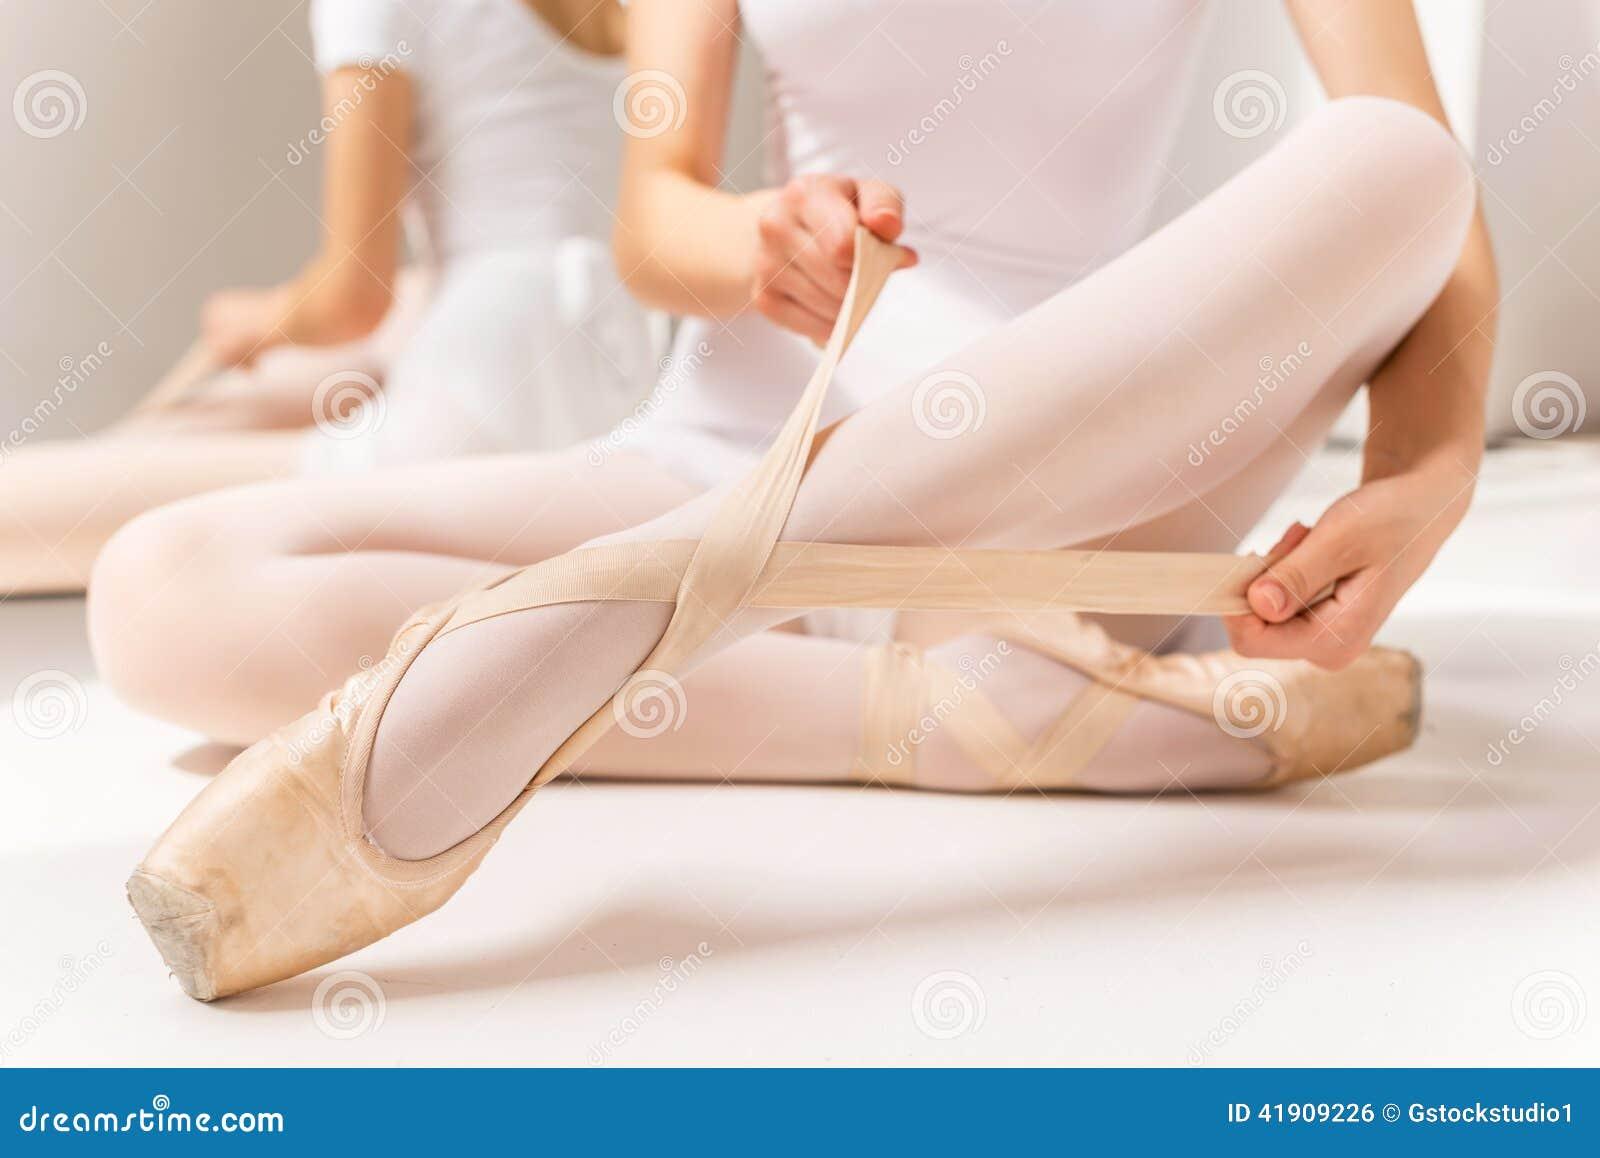 Atar los deslizadores del ballet